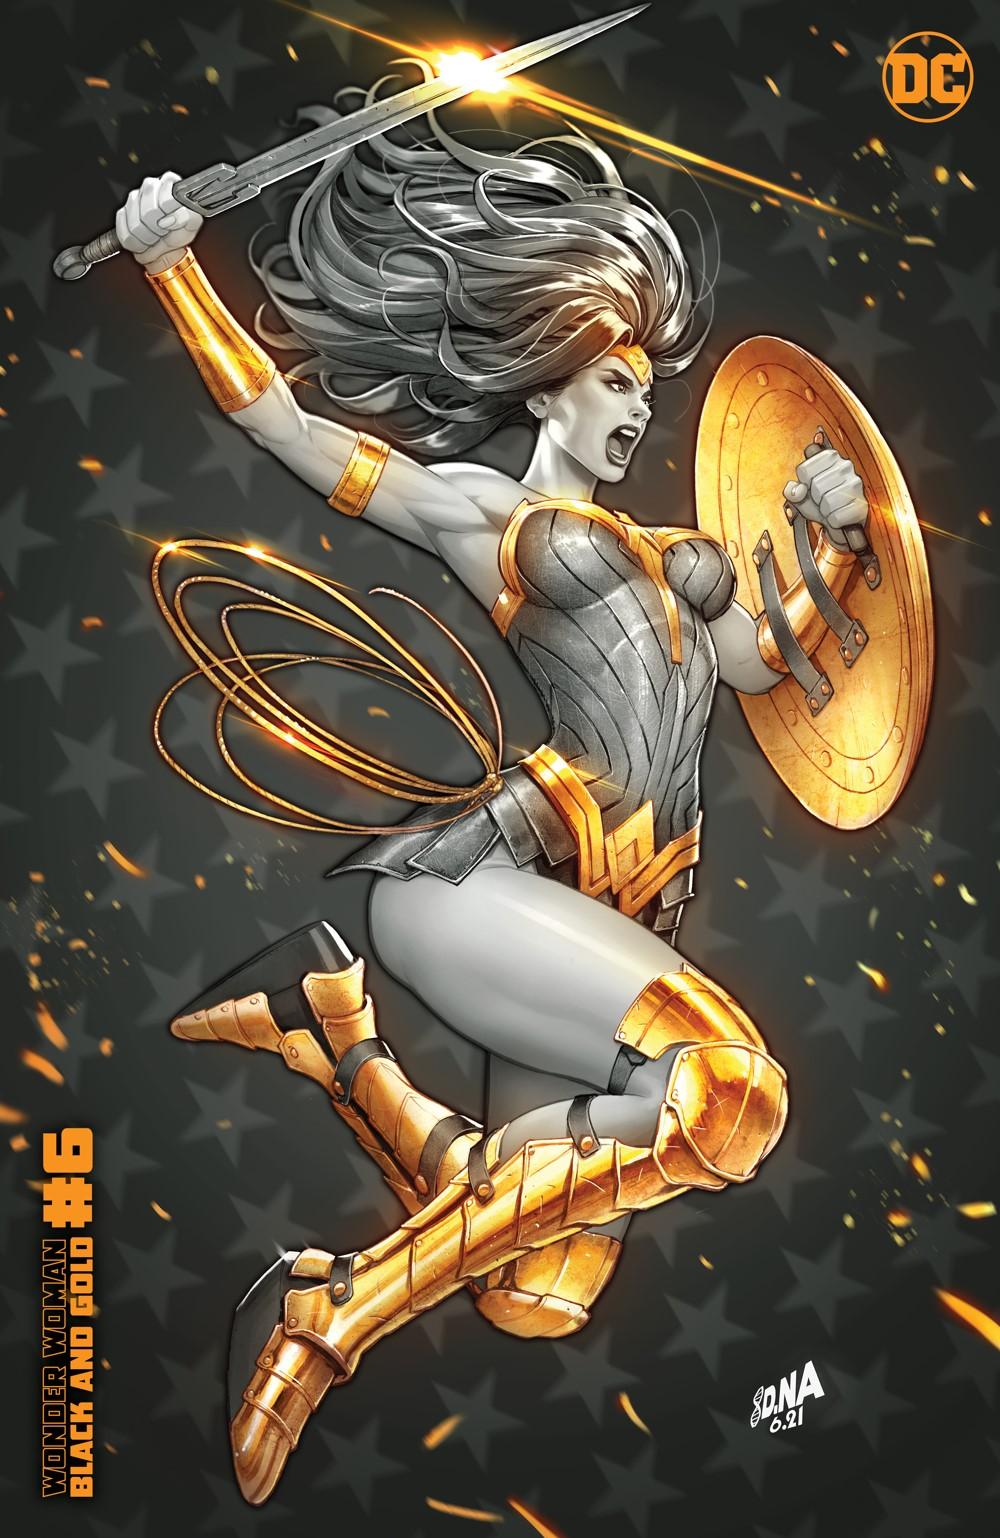 WW_BandG_Cv6_1in25_var_00641 DC Comics November 2021 Solicitations